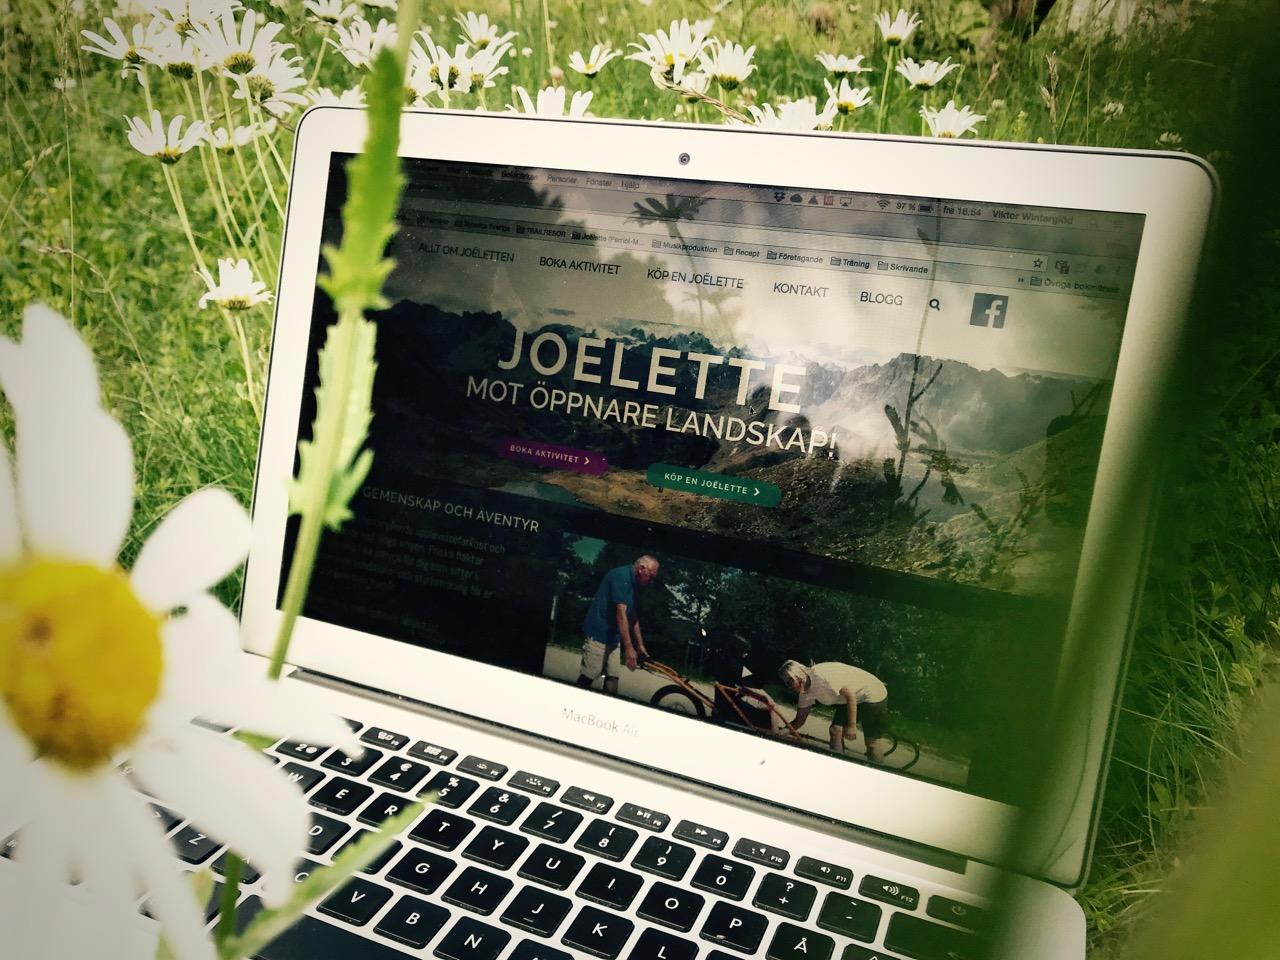 Nyinvigning av joelette.se!